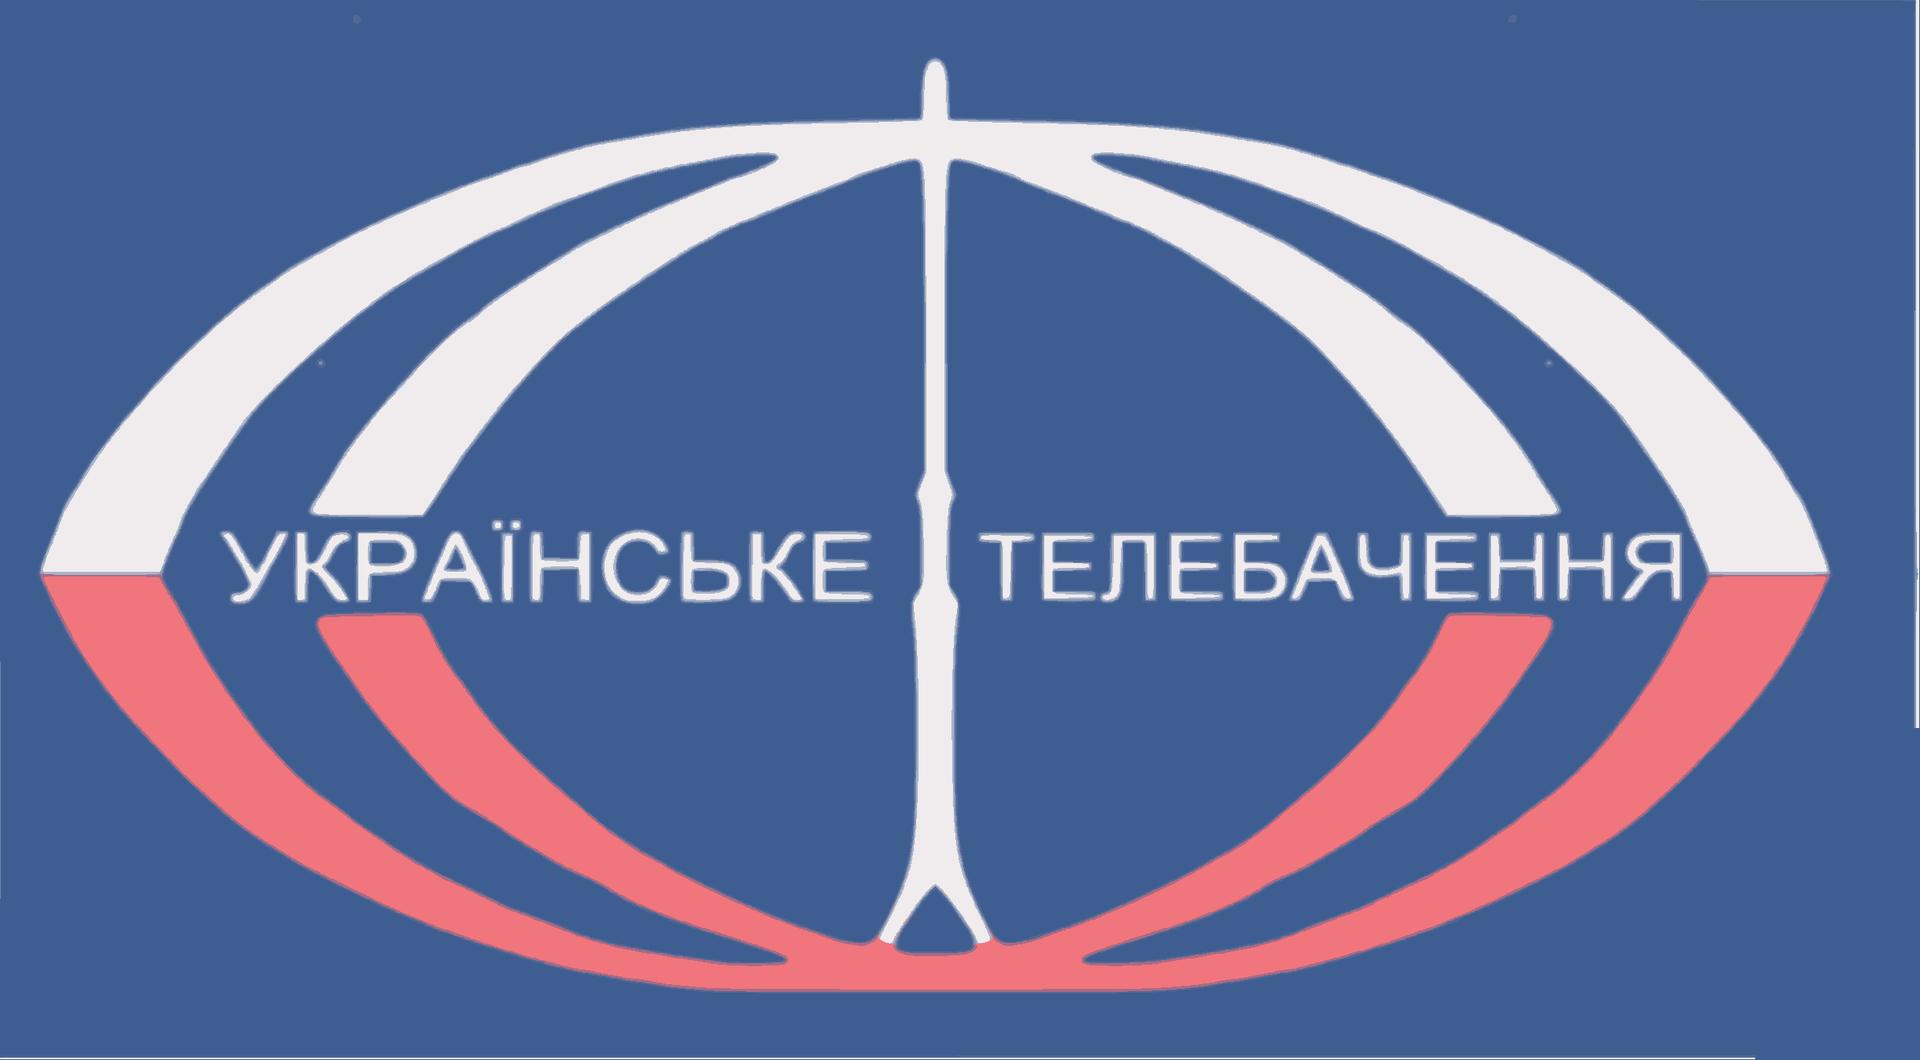 Логотип программ Украинского телевидения 1974-1991 гг.